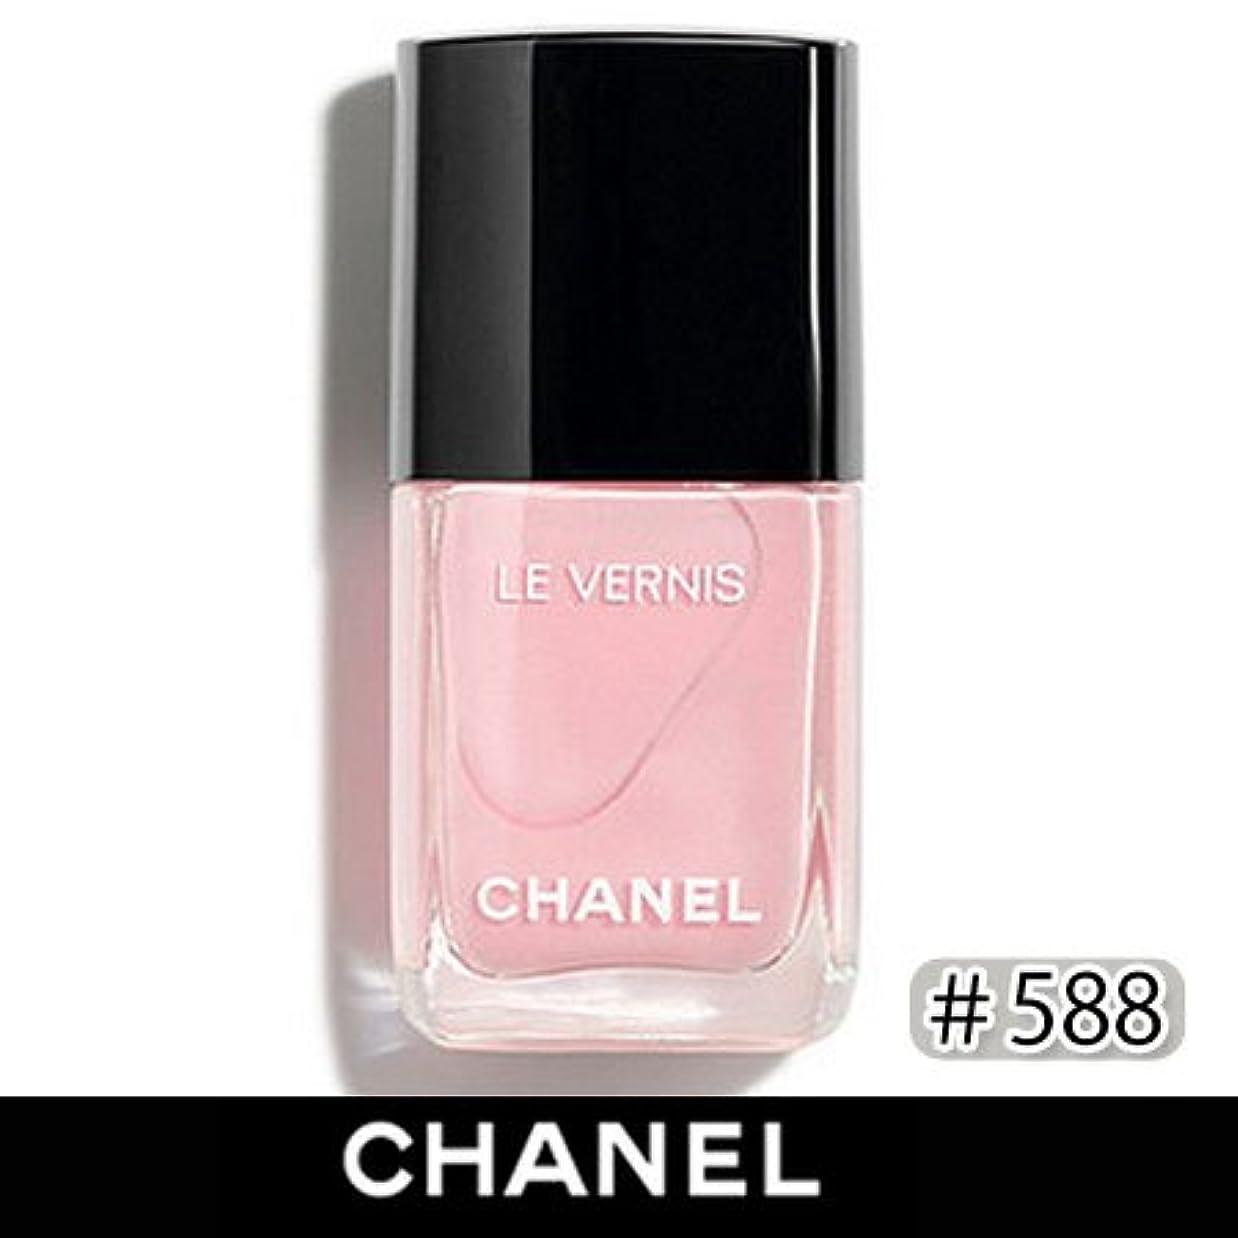 プリーツしっかり正確なシャネル ヴェルニ ロング トゥニュ #588 (ヌーヴォラ ロザ)-CHANEL-